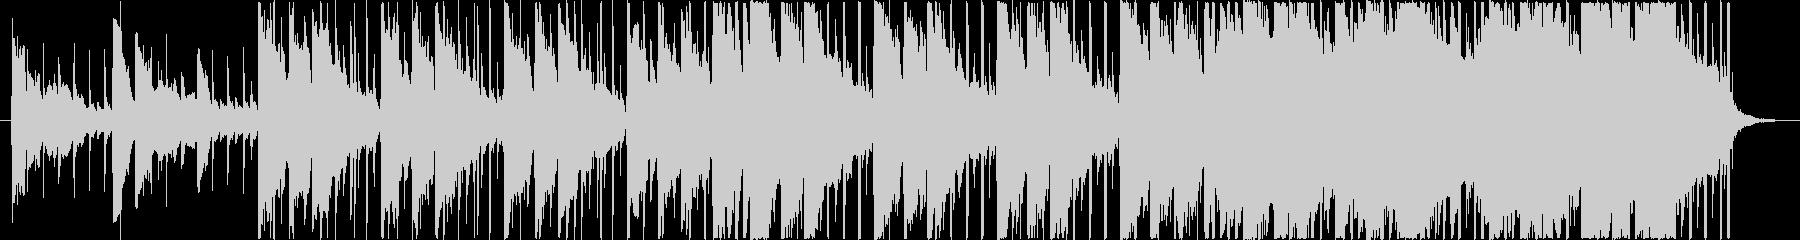 反復コード・ドキュメント映像向けBGMの未再生の波形